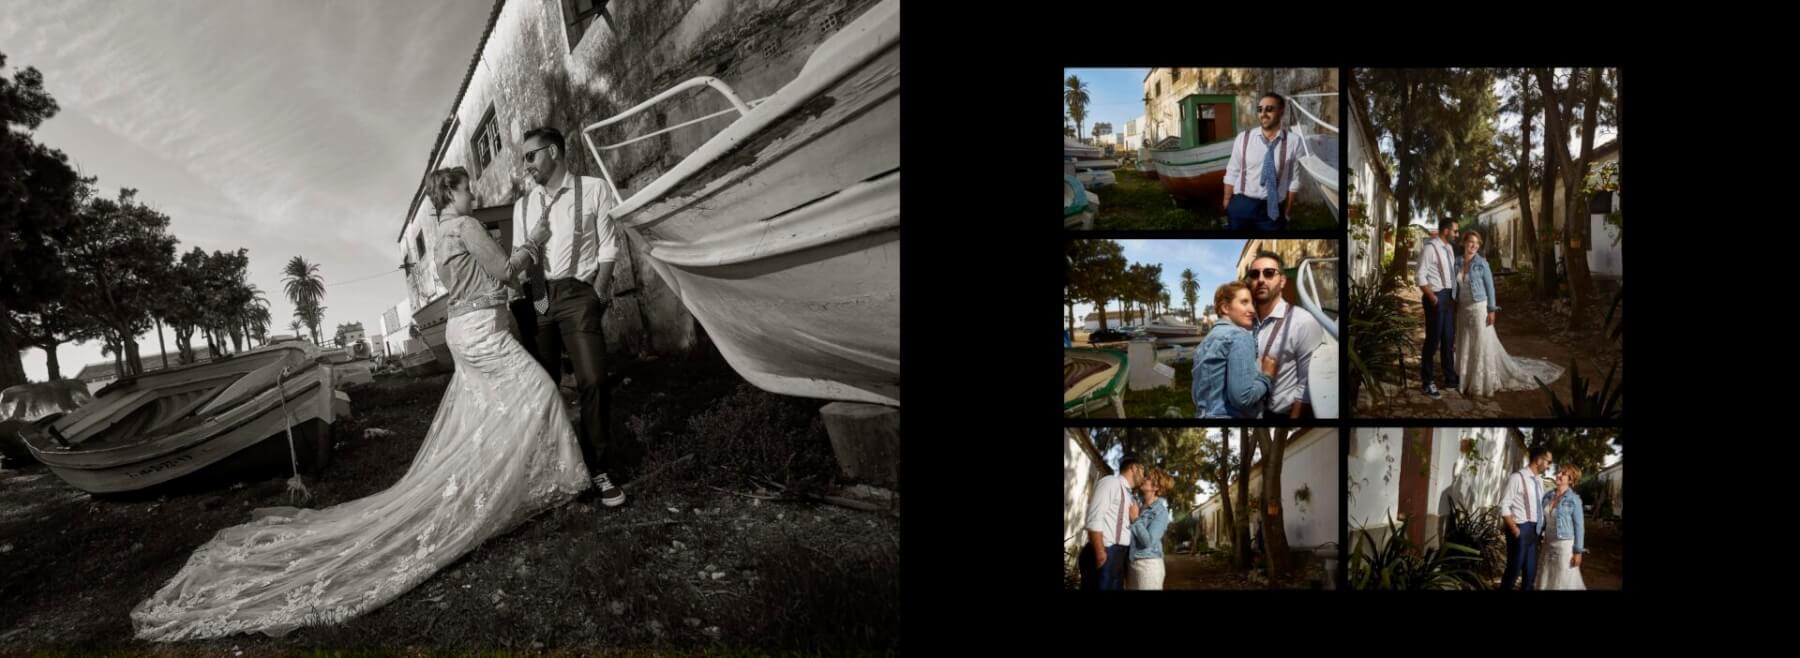 Página del libro de fotos de boda de Yolanda y Miguel. Molan Weddings Films and Photography. Wedding photographer in Málaga Córdoba Granada